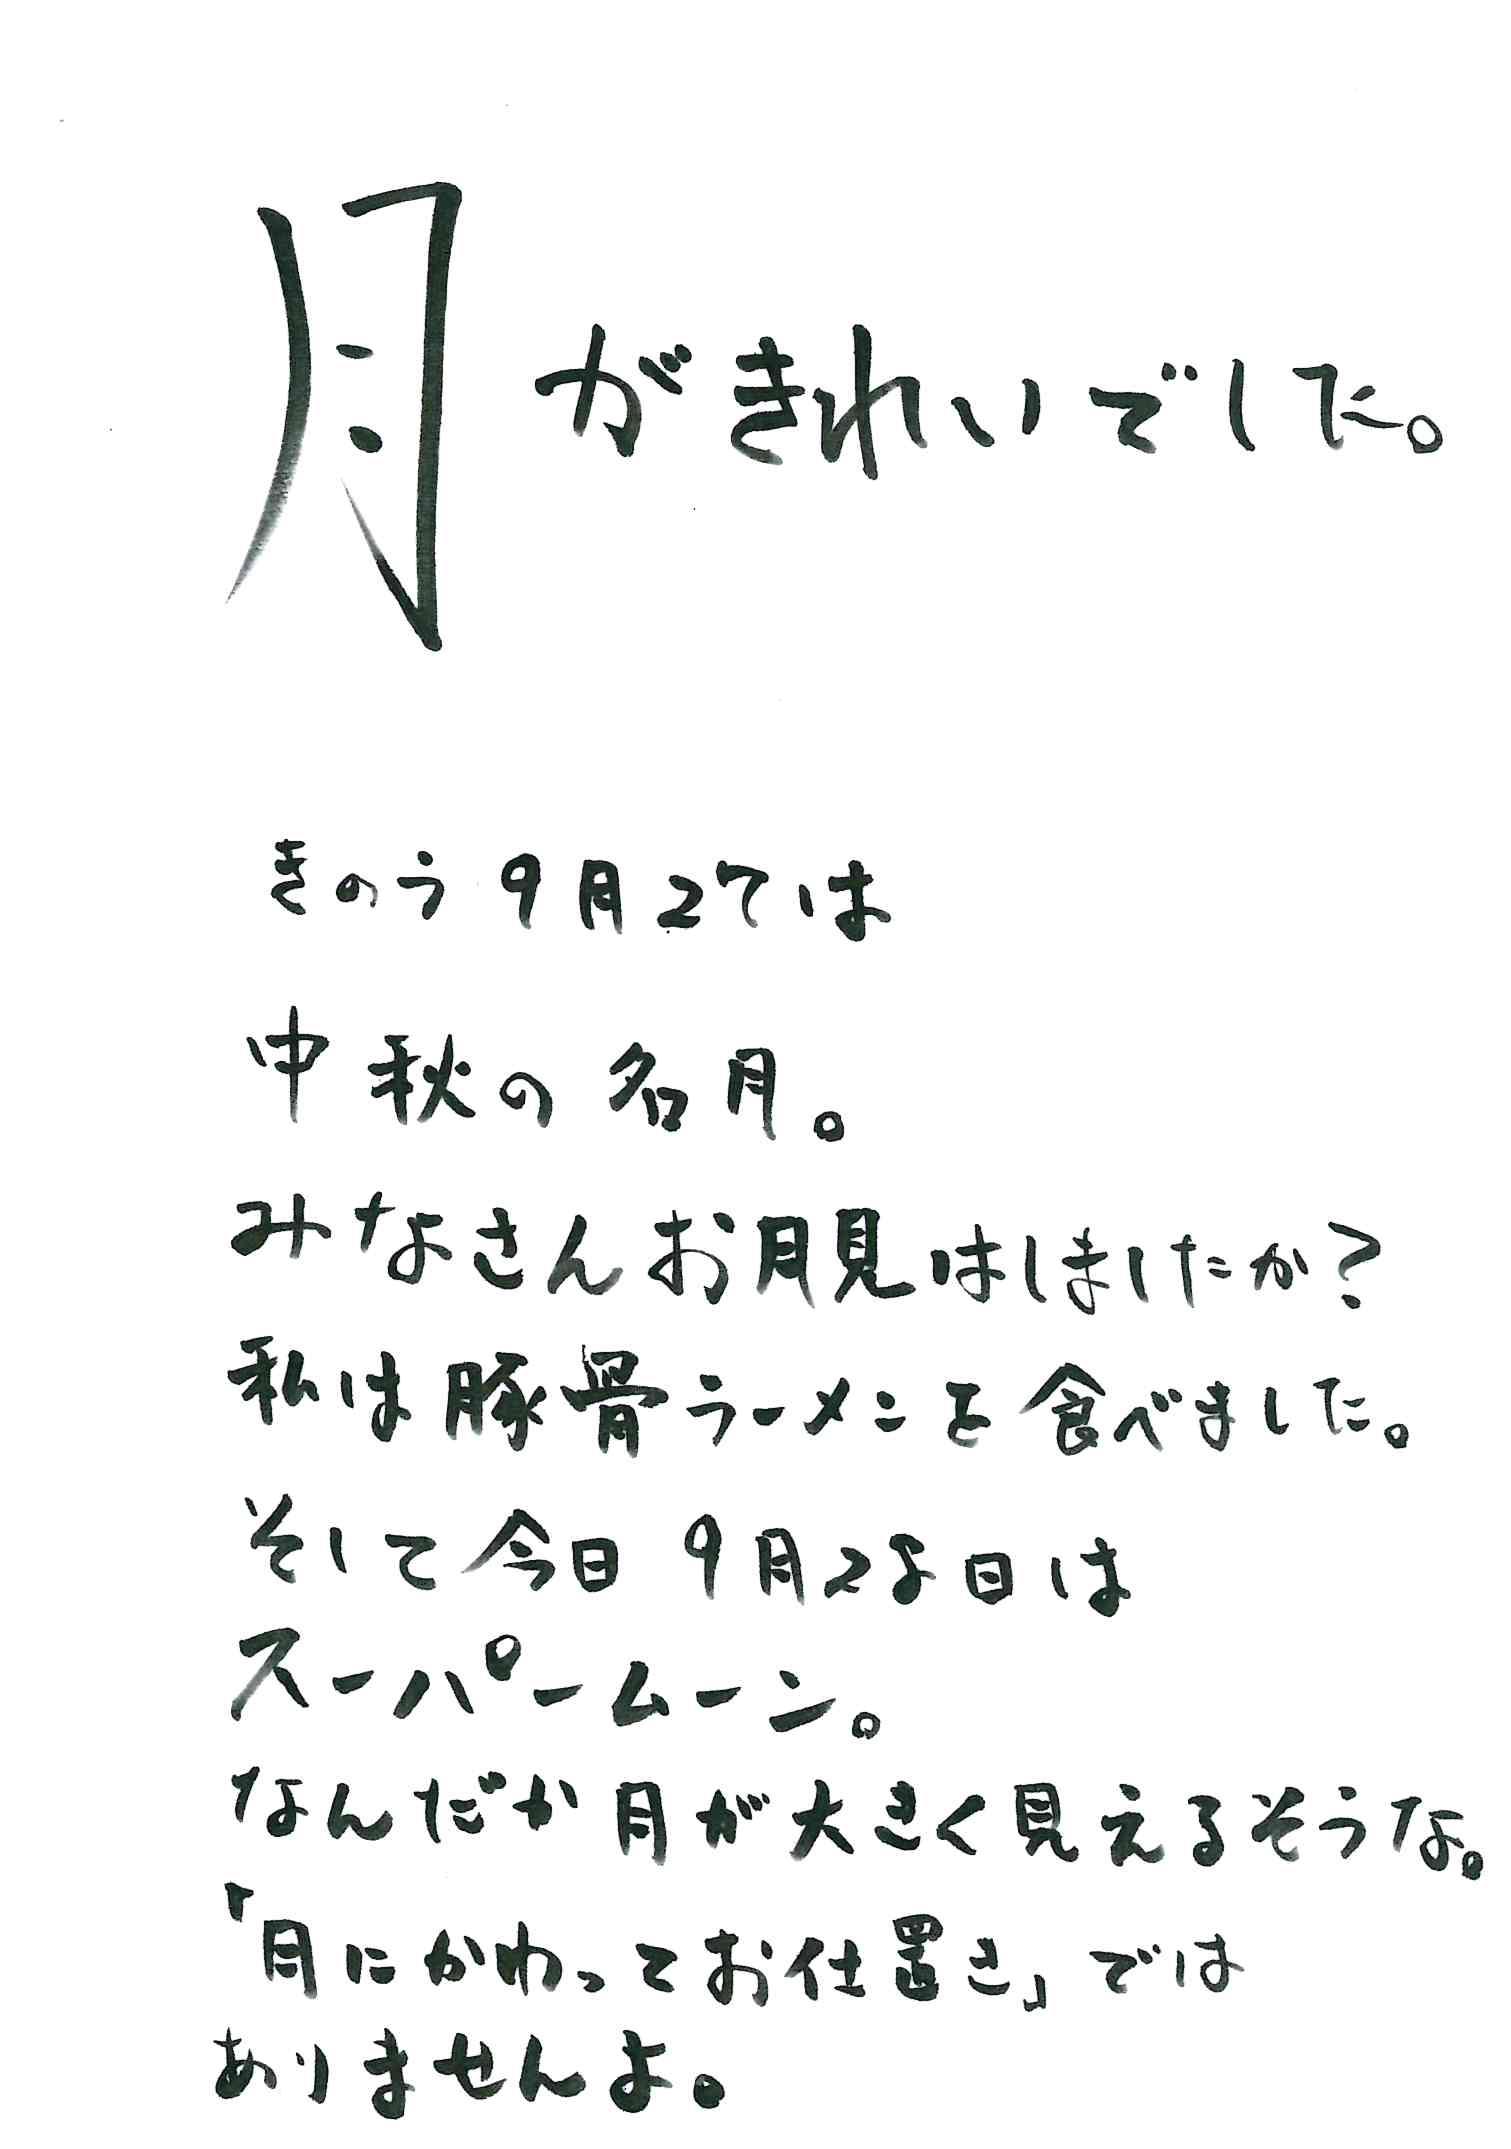 月 が 綺麗 です ね 夏目 漱石